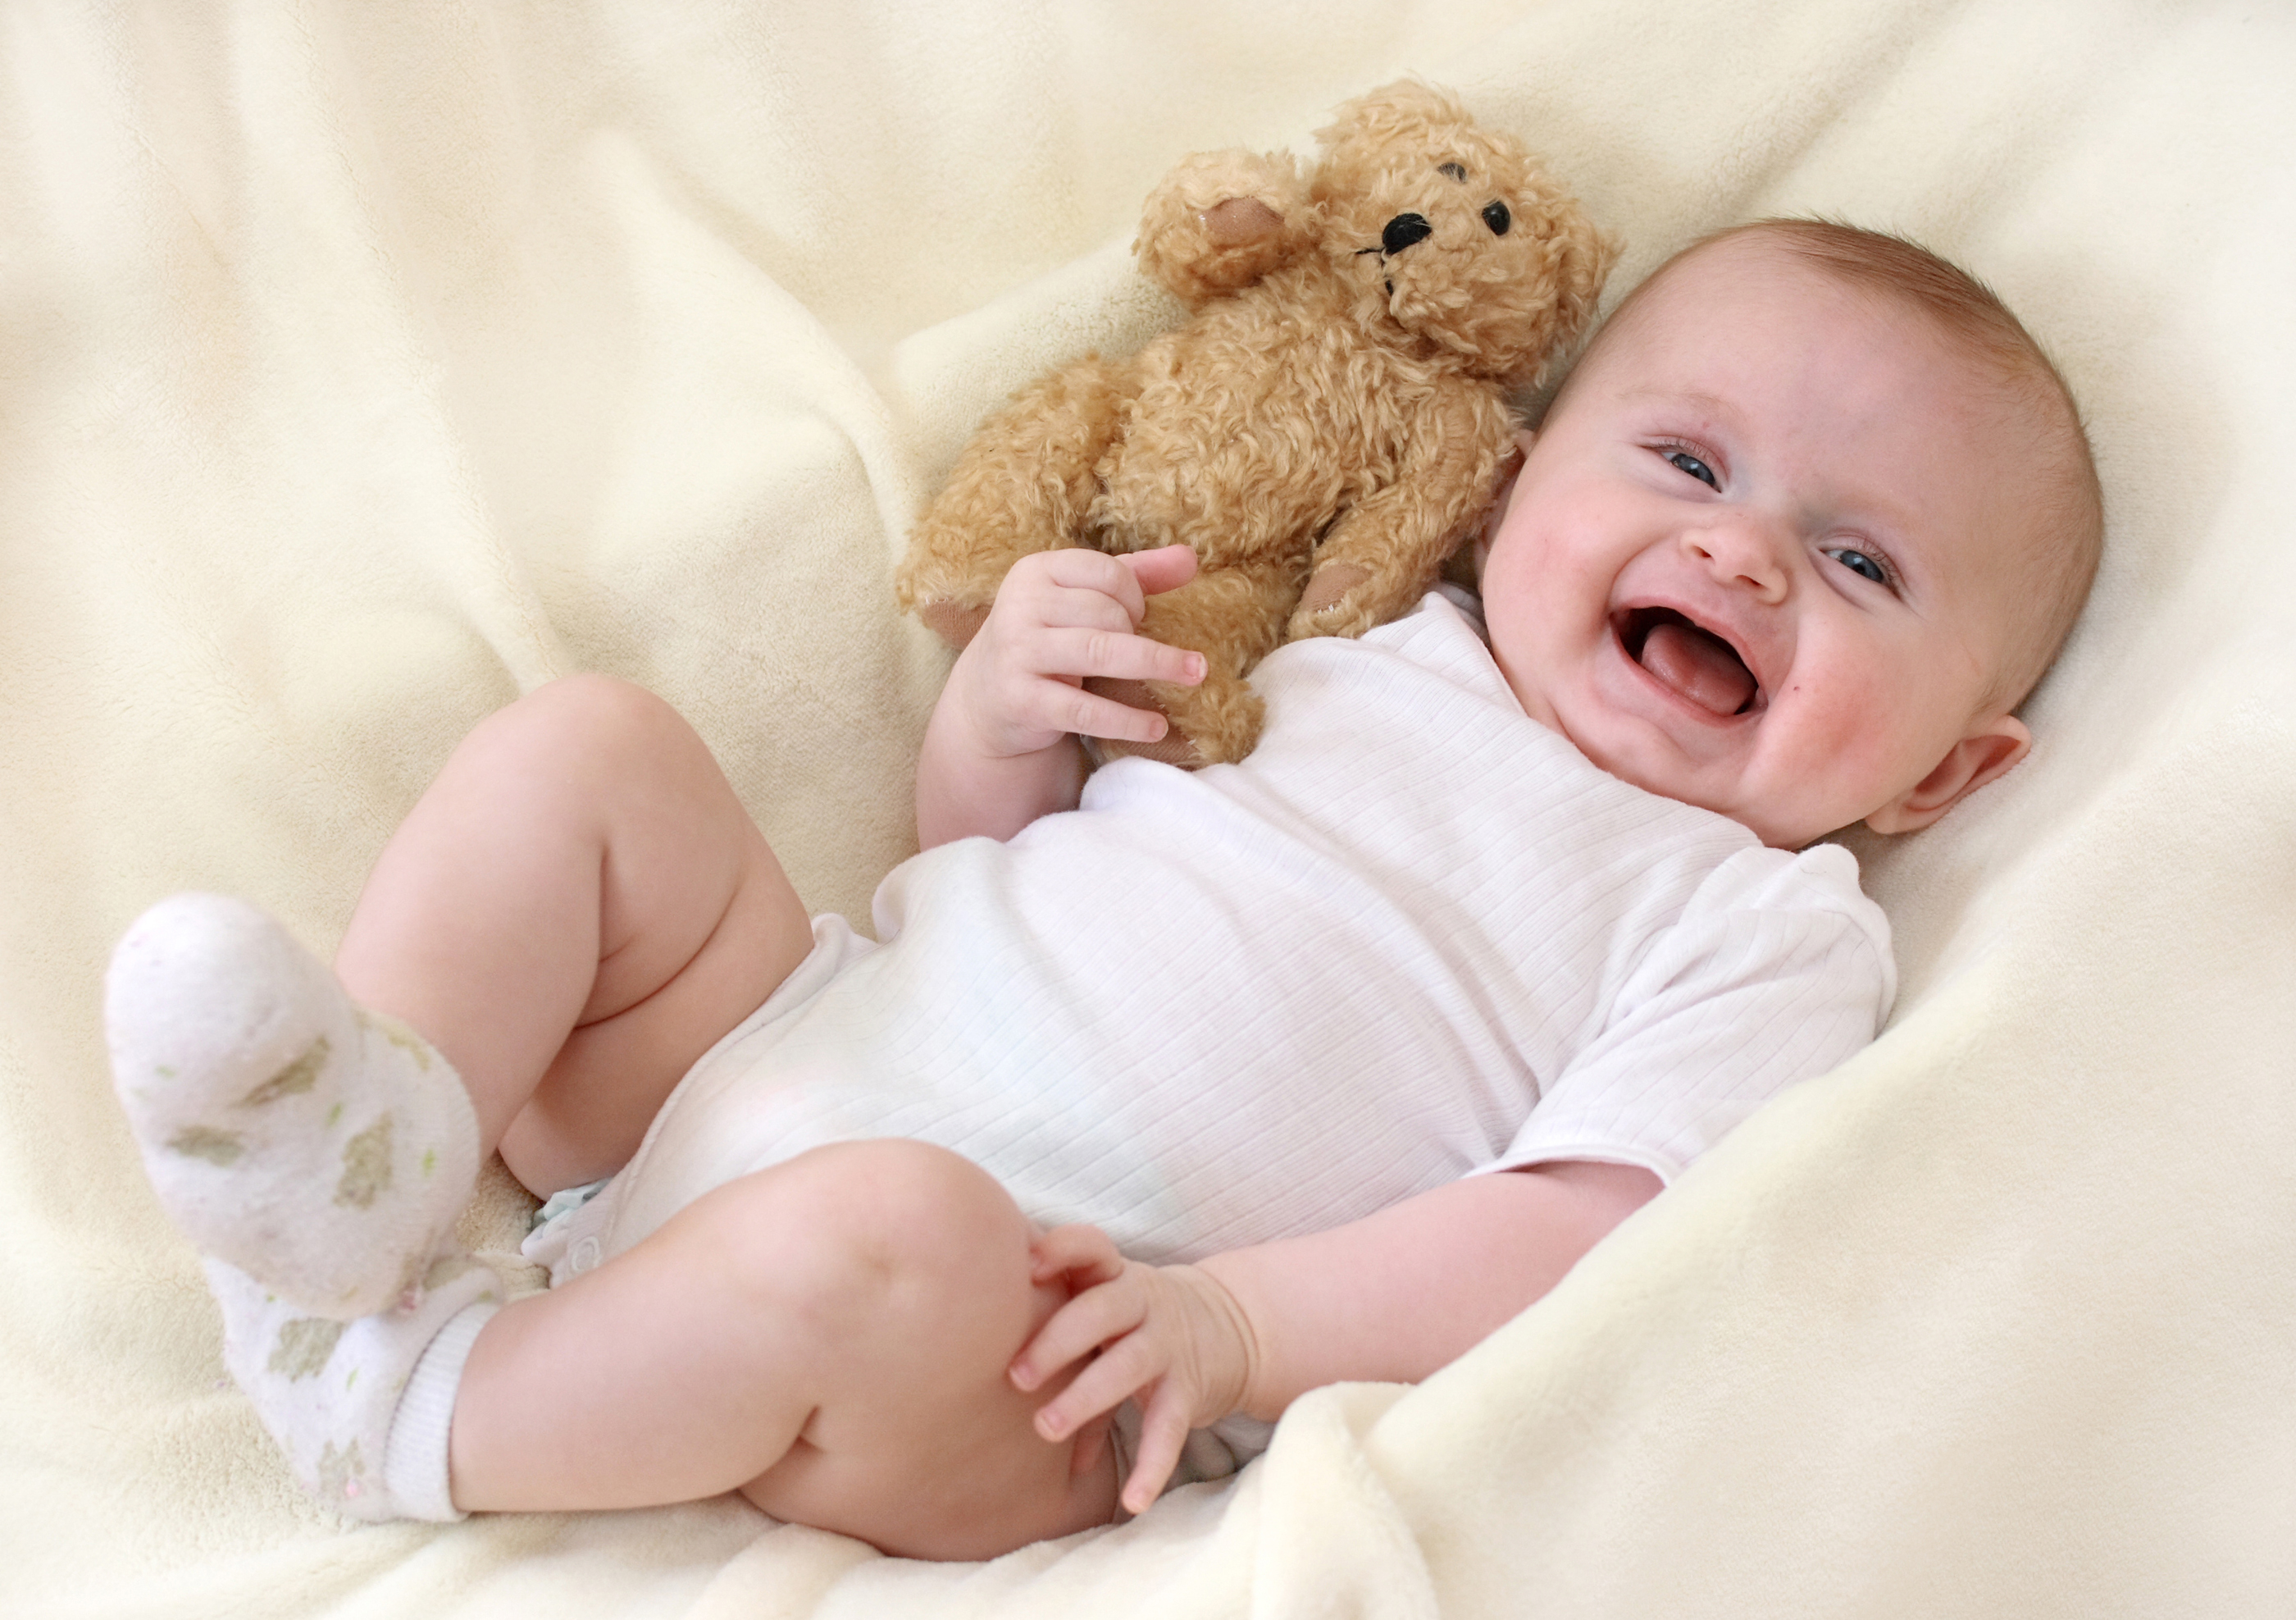 Фотография грудной ребёнок Радость Дети Мишки 2800x1975 младенца младенец Младенцы счастье радостная радостный счастливые счастливая счастливый ребёнок Плюшевый мишка